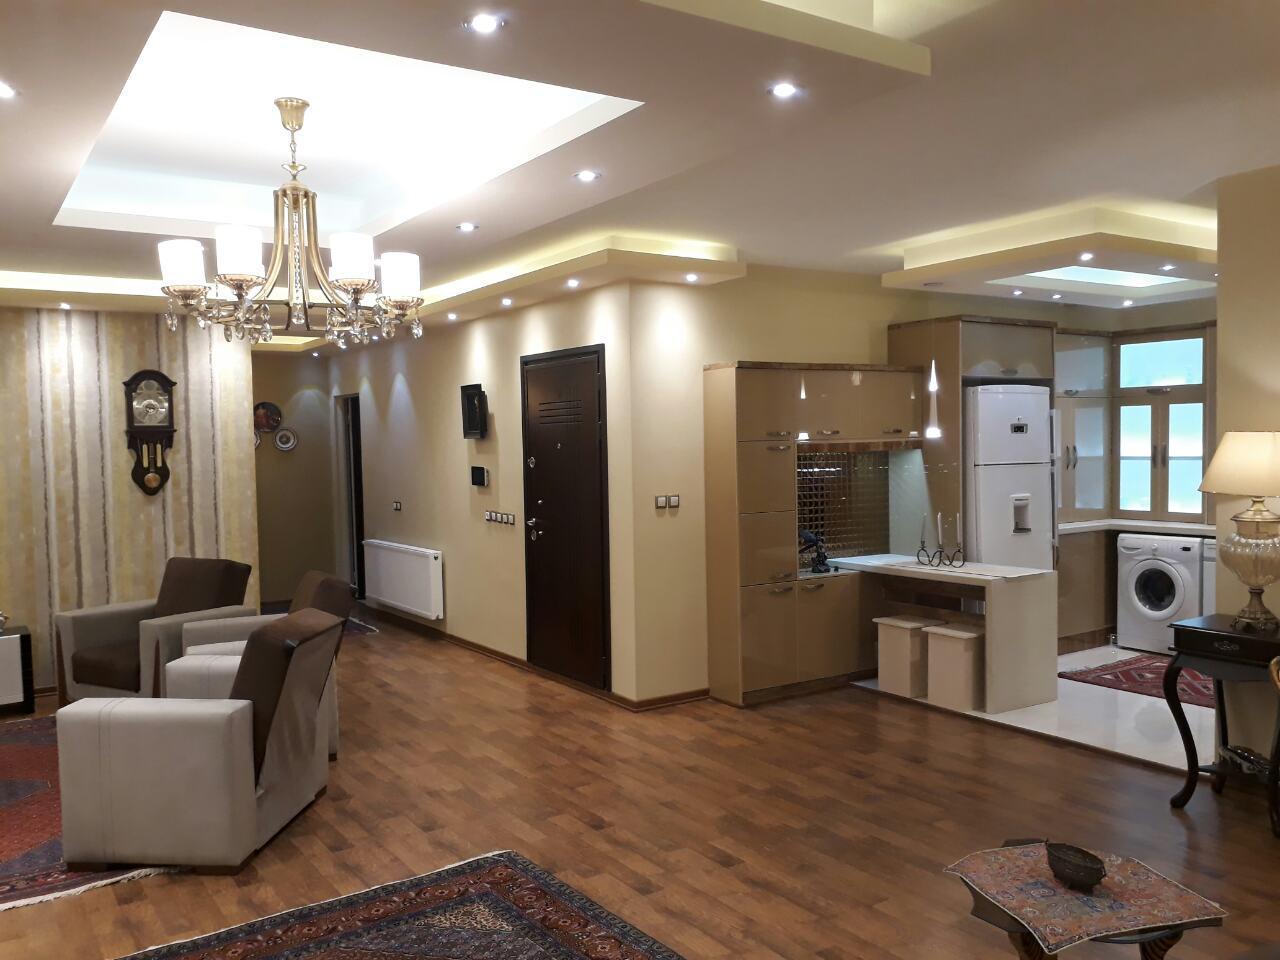 فروش طبقه سوم از آپارتمان 6 طبقه در دانش